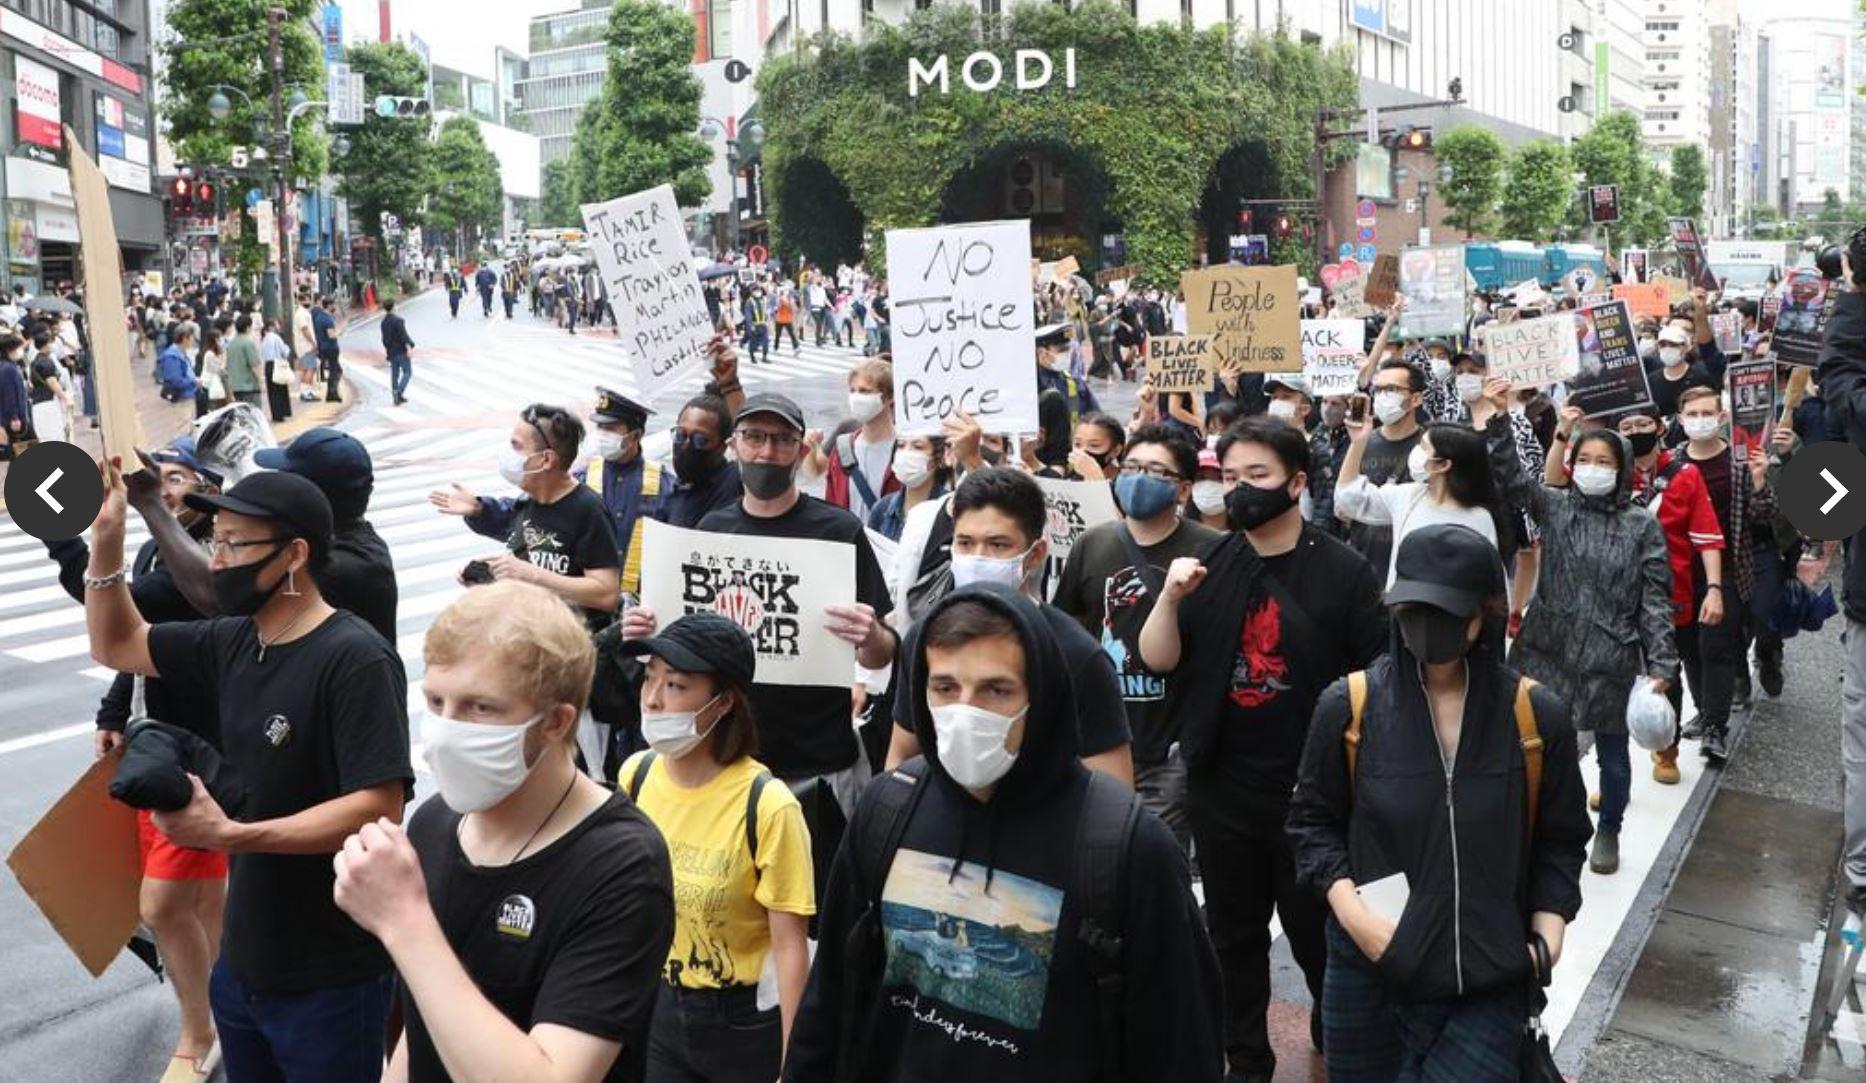 渋谷のクルド人デモ、「極左暴力集団」が参加 クルド人支援団体「我々は便乗された」~ネットの反応「デモの参加者見たら一目瞭然」「ようやく警察側の主張が出たね」「このデモはクルド人の評価を下げるためのデモだった」